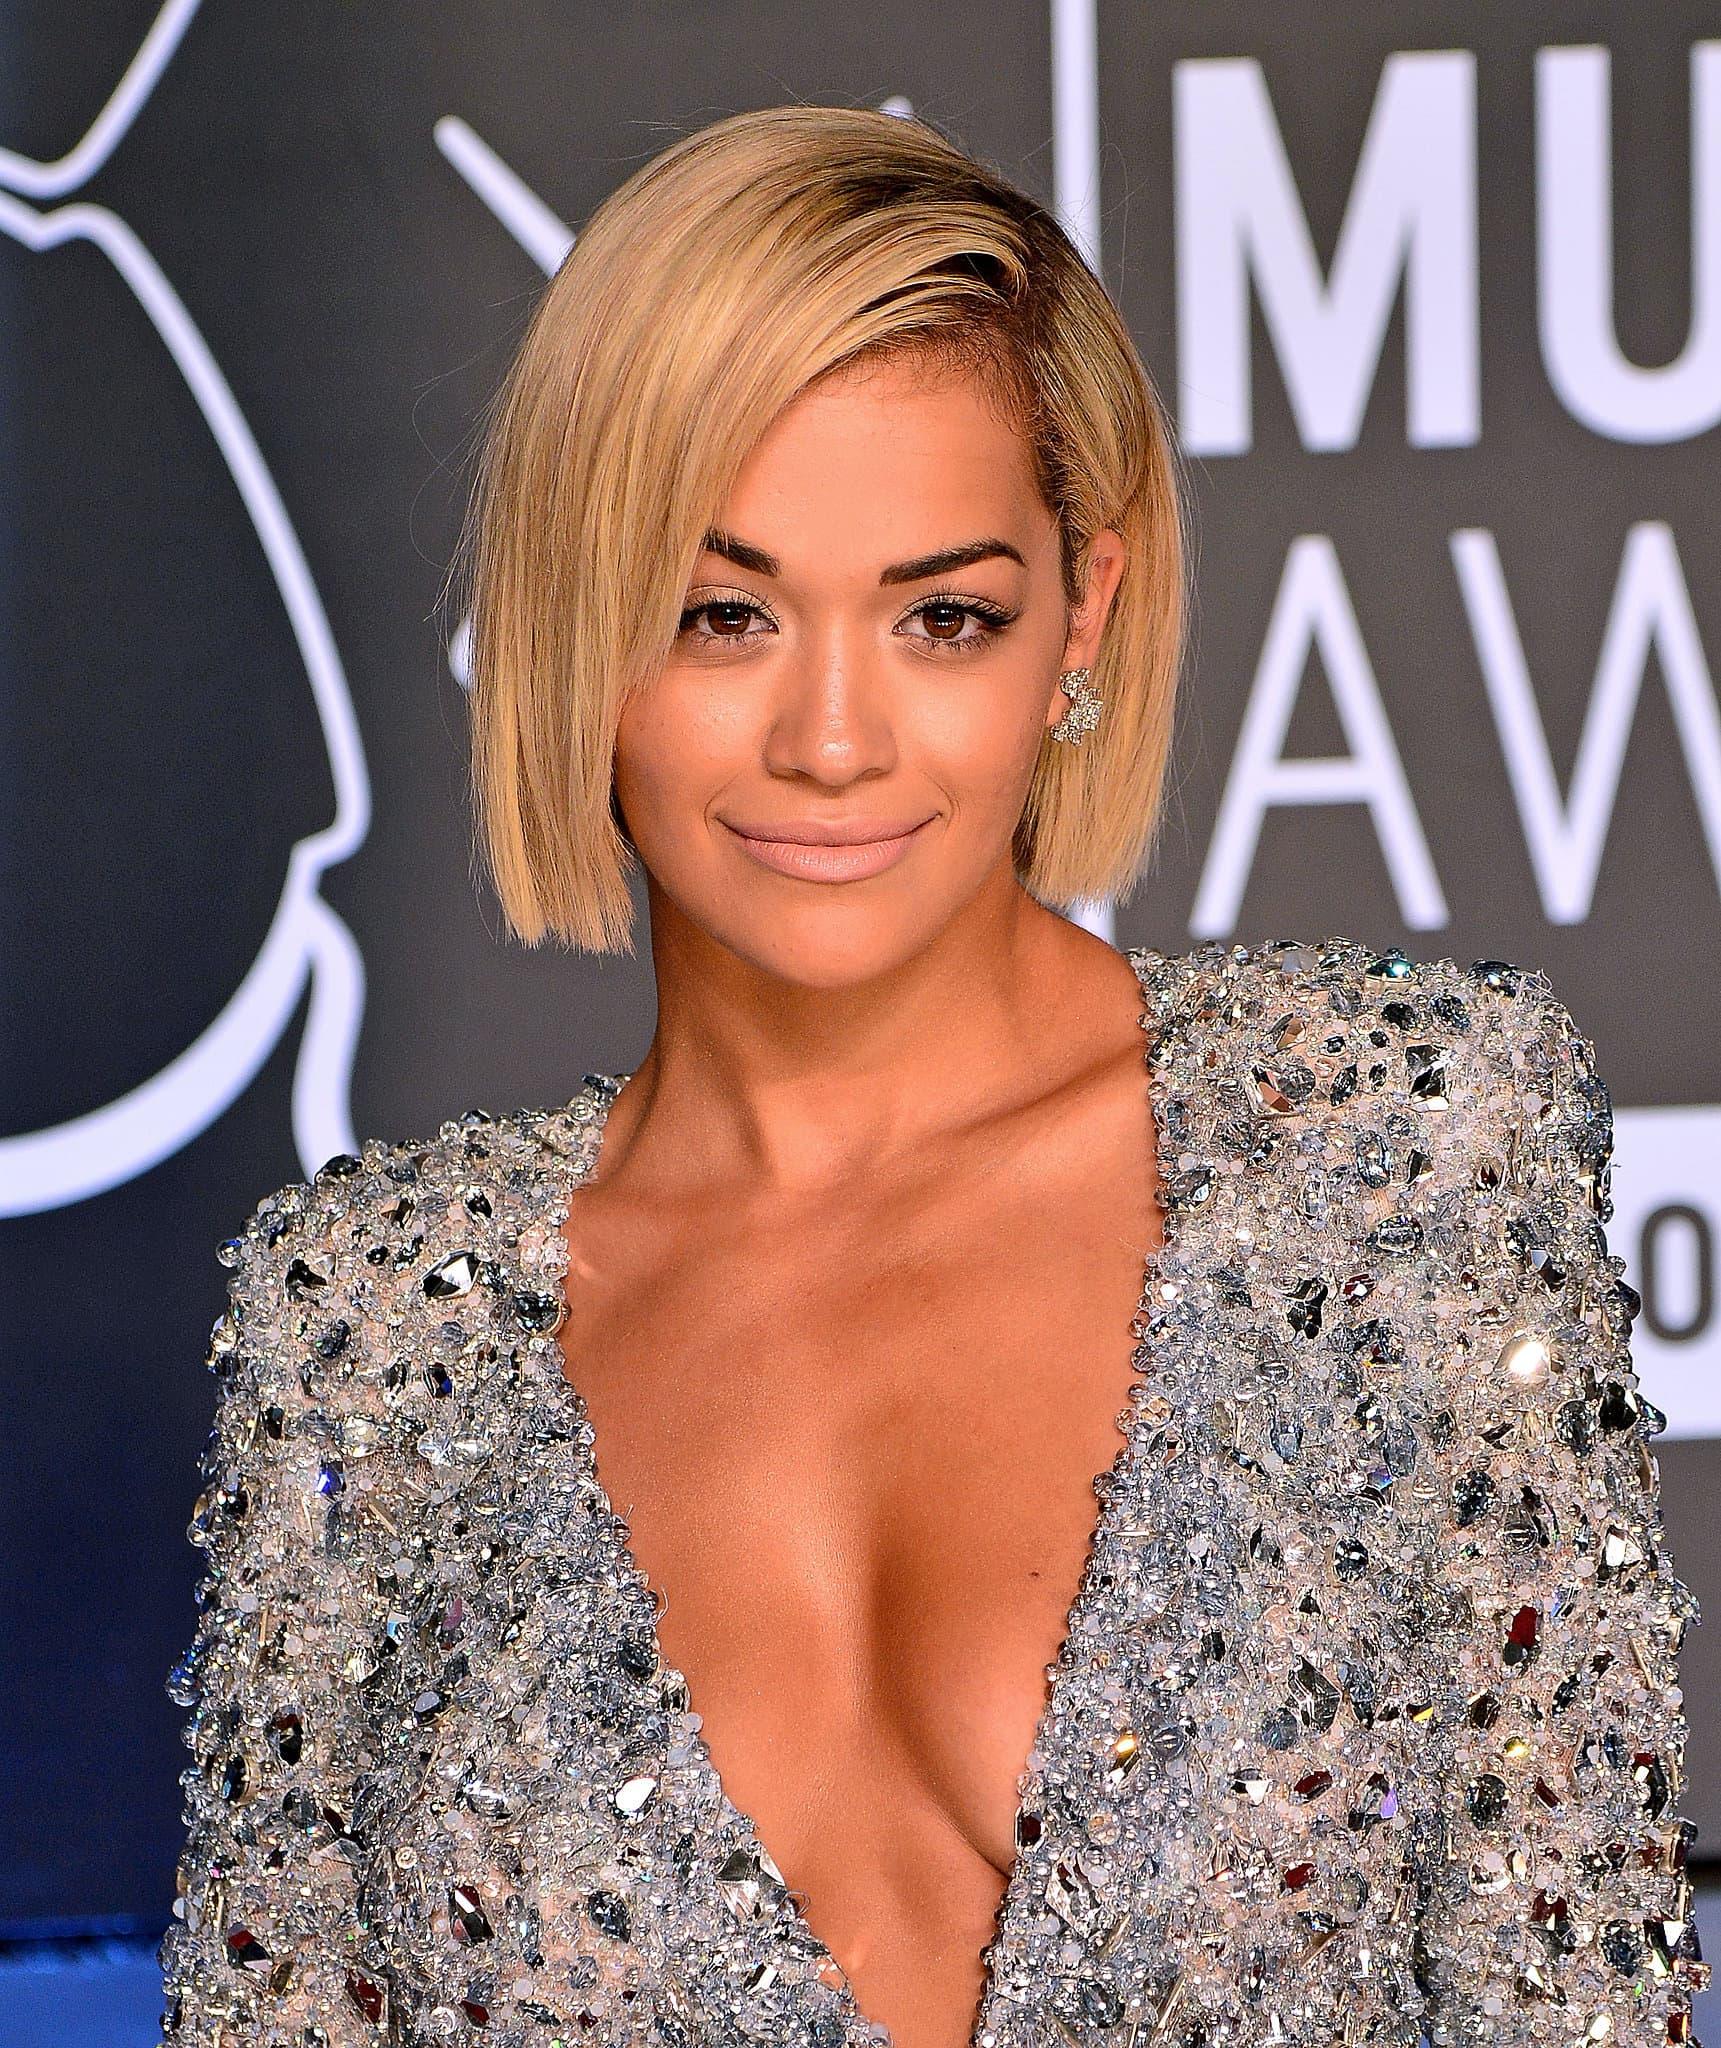 Rita ne sudi ljudima na osnovu njihovog izgleda. (foto: MTV)